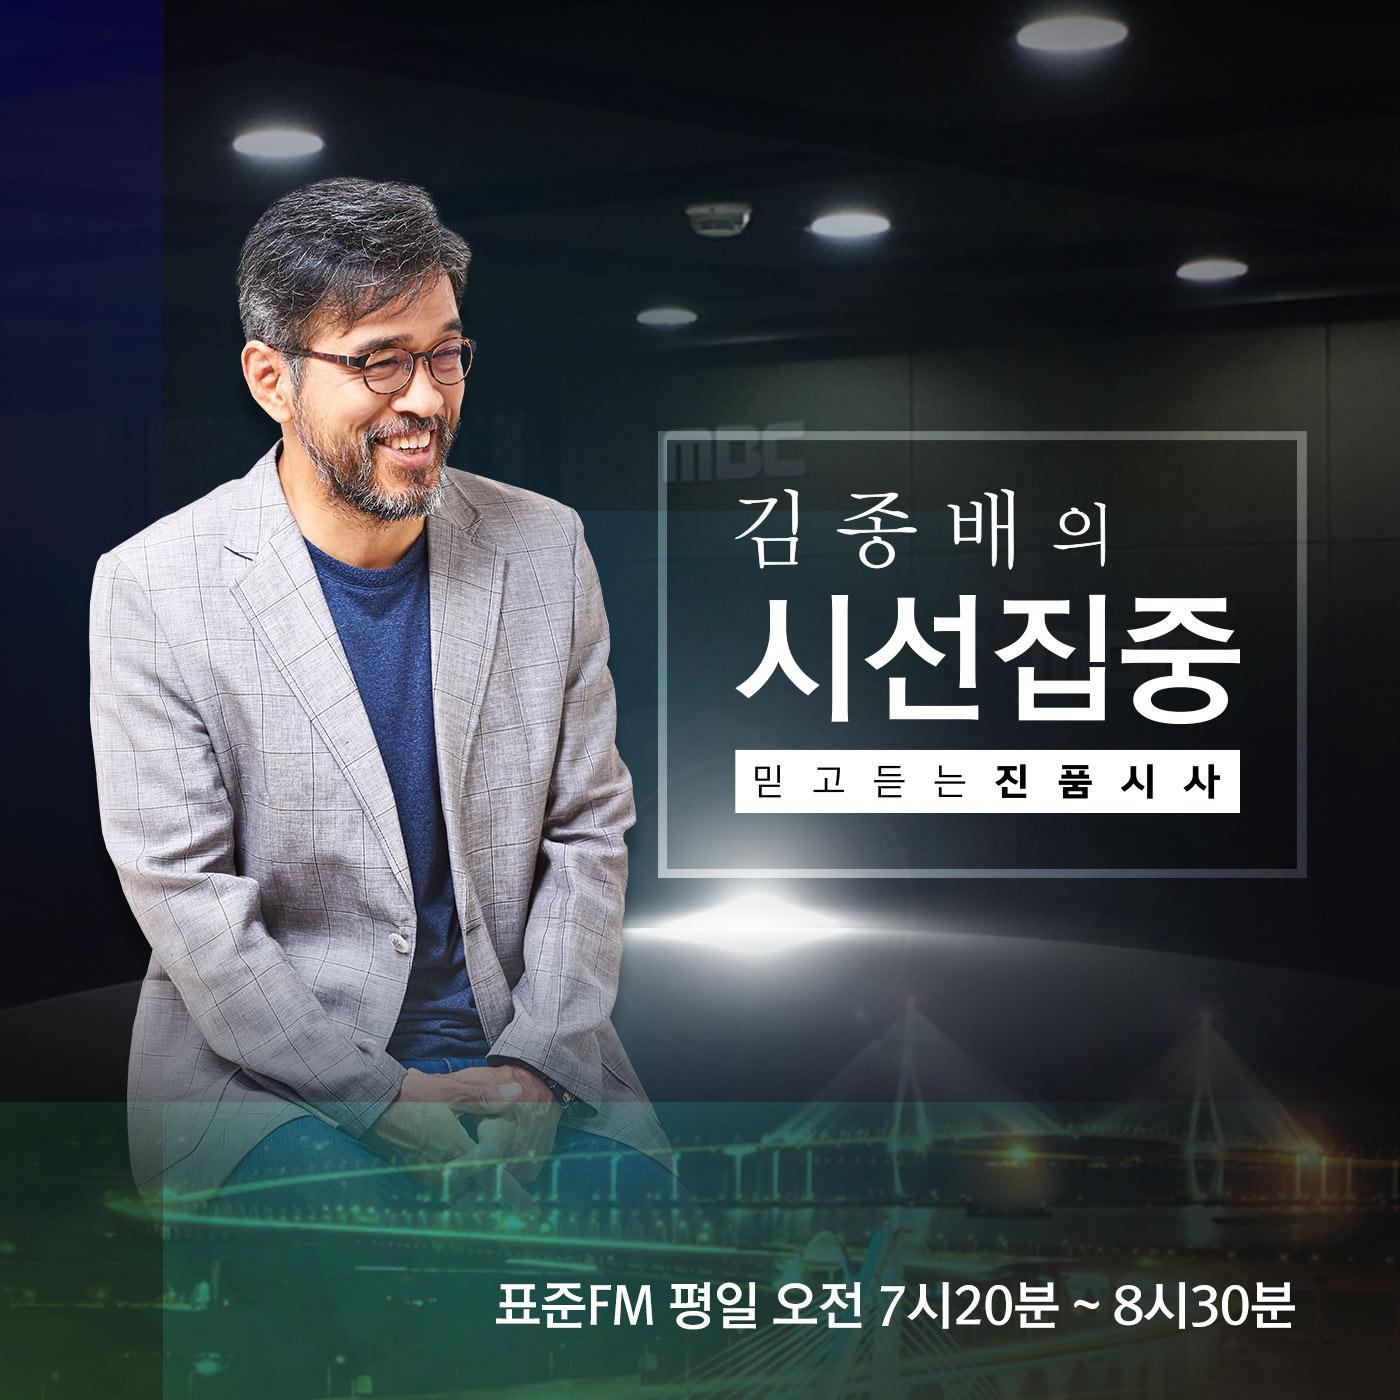 김종배의 시선집중